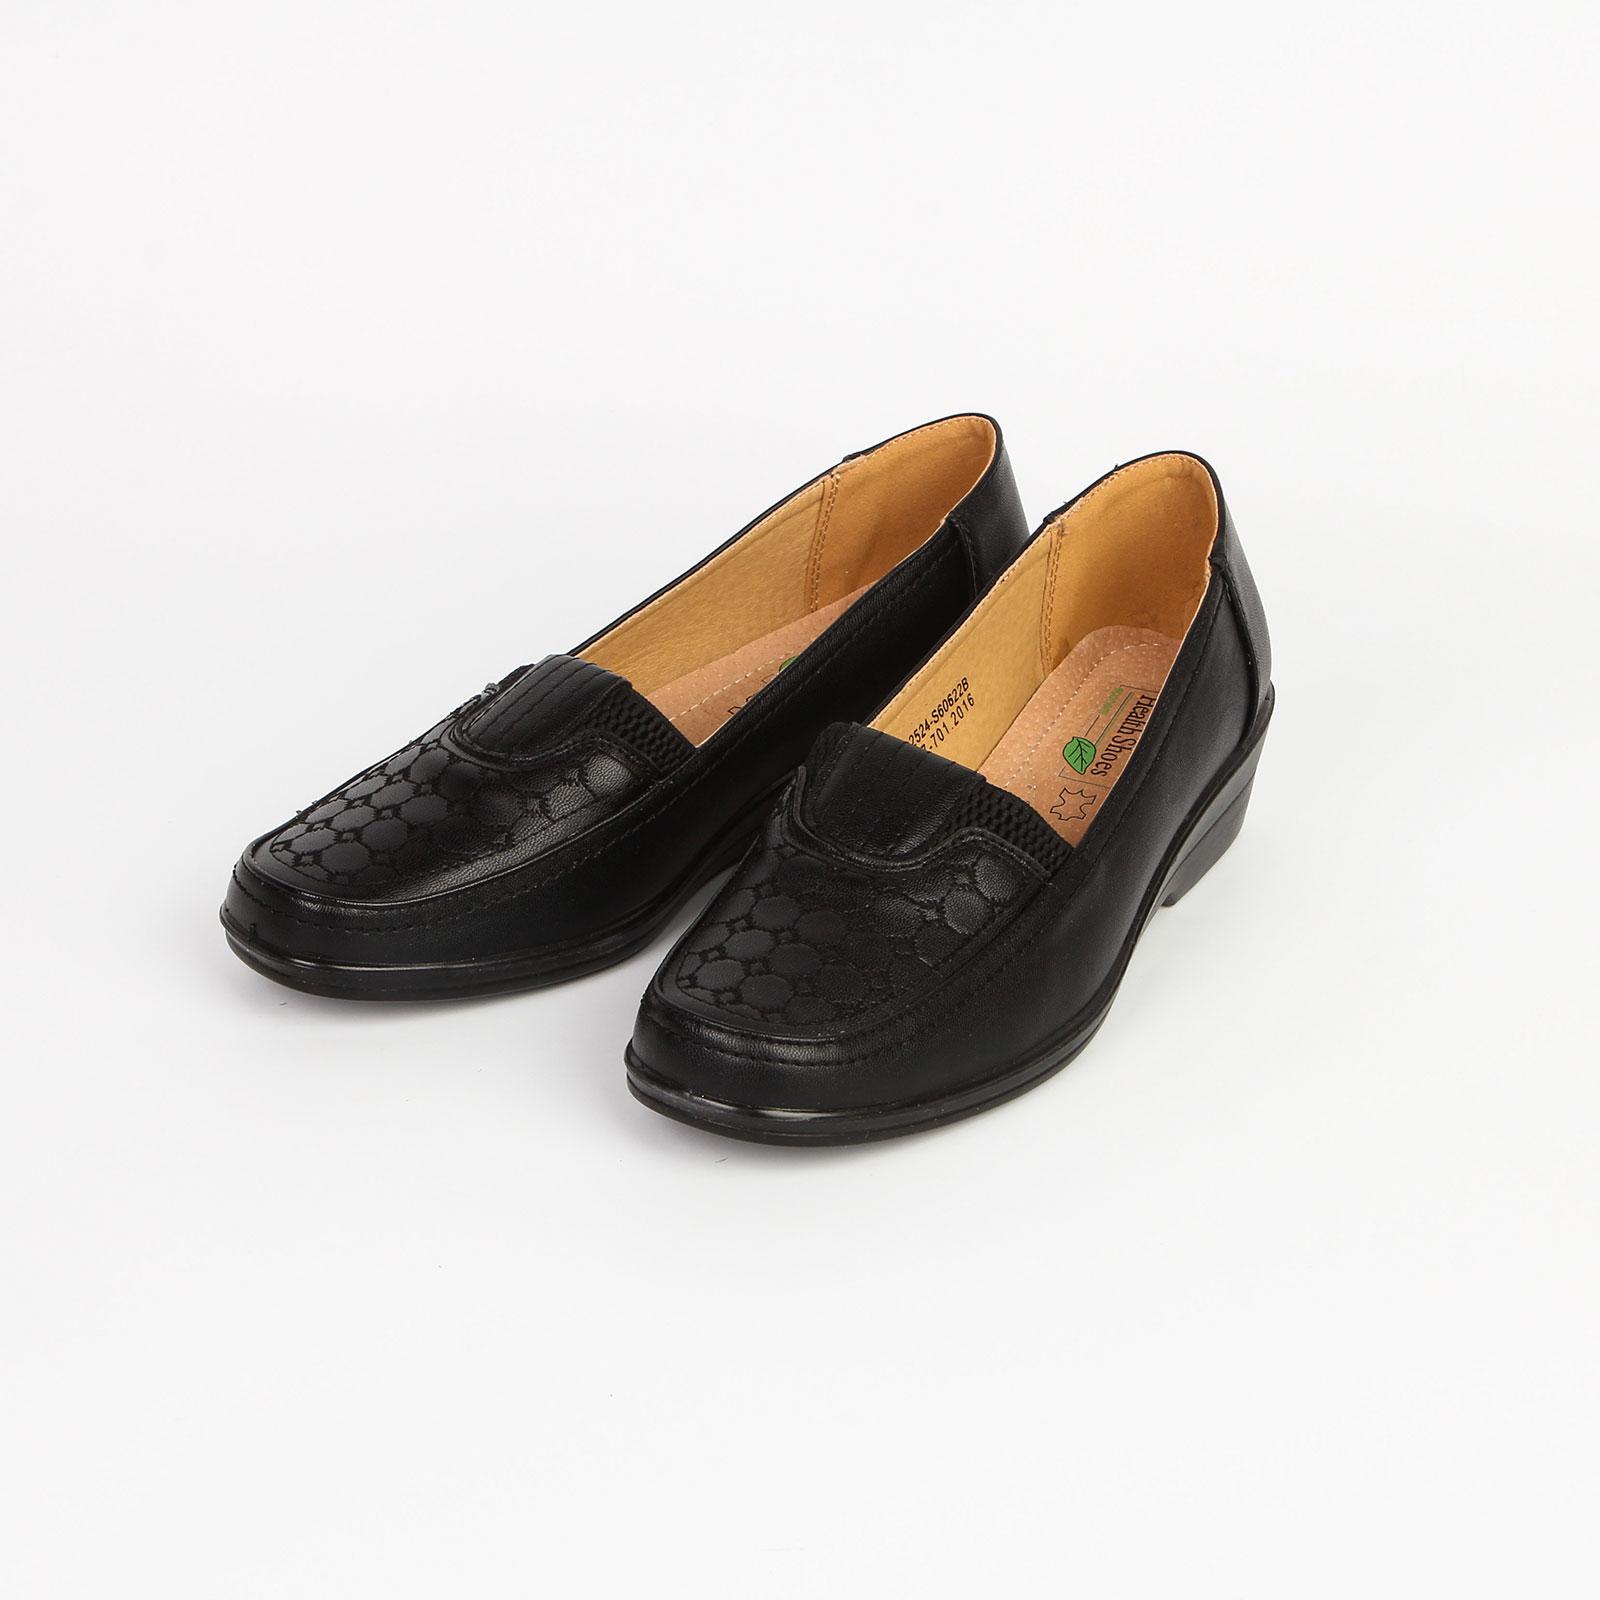 Туфли женские на среднем каблуке с декоративным узором на мысу